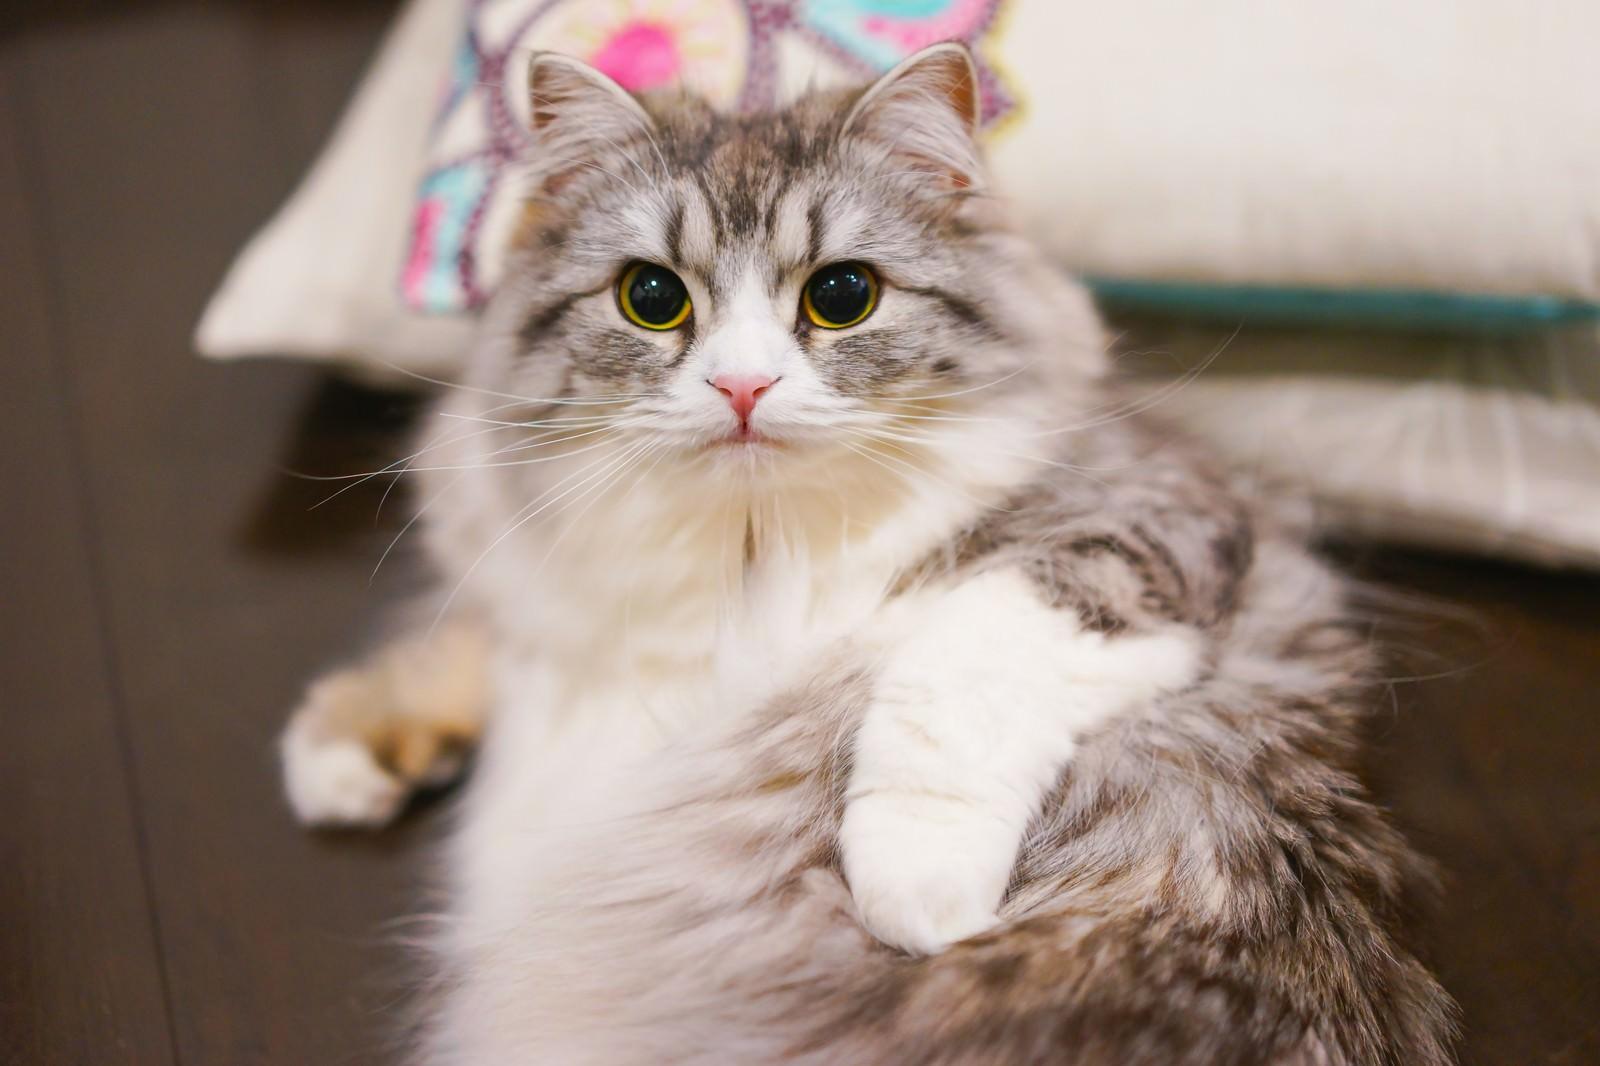 「お手入れ中にこっちを見るメス猫(スコティッシュフォールド)」